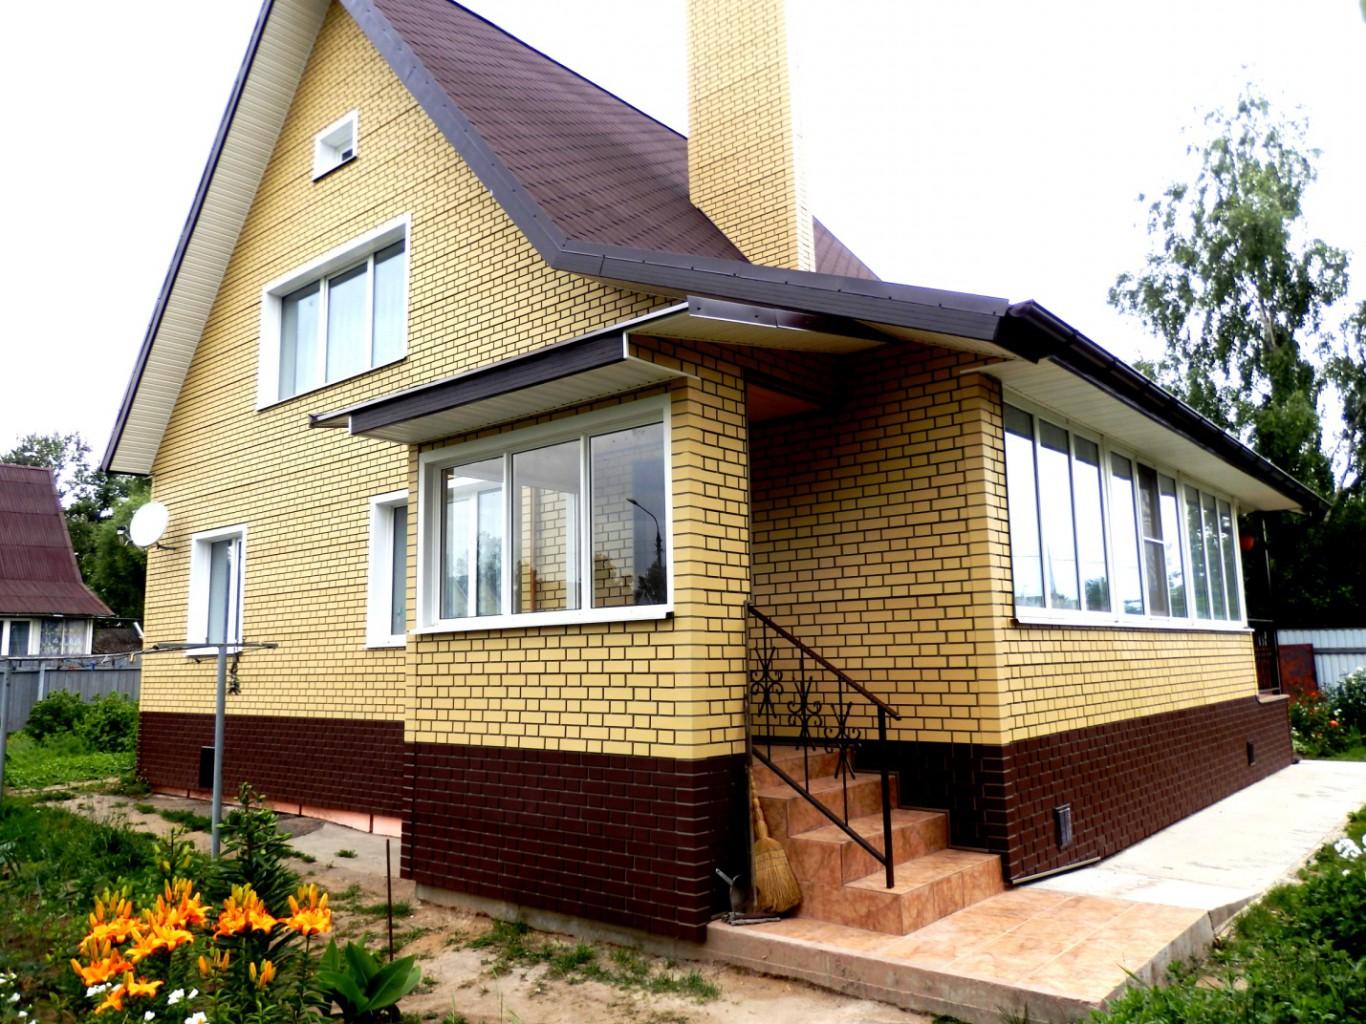 Фасадные панели из клинкерного кирпича с темным швом